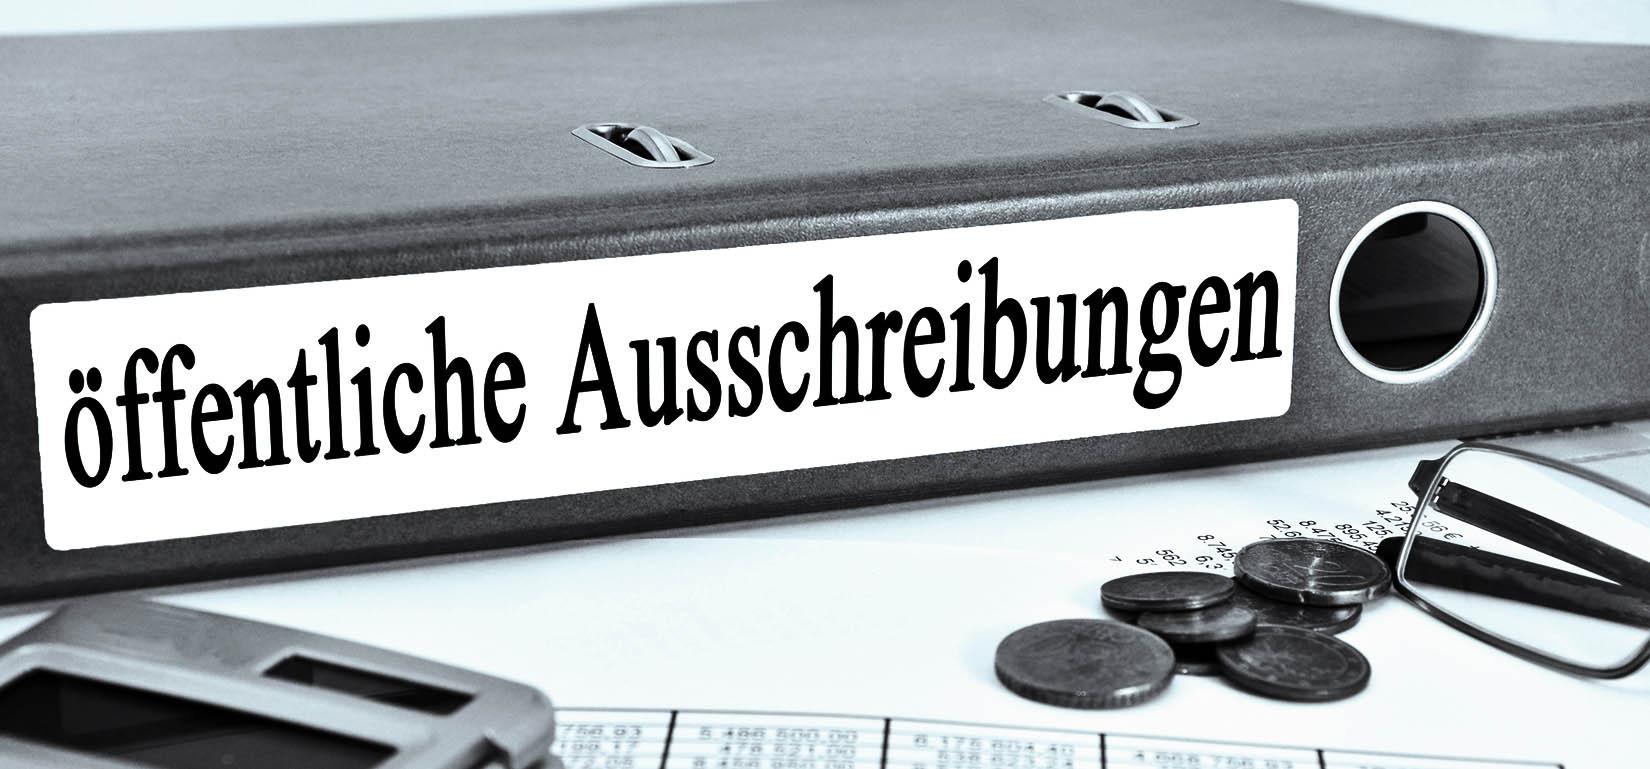 MSC Schwarzer Albus GmbH